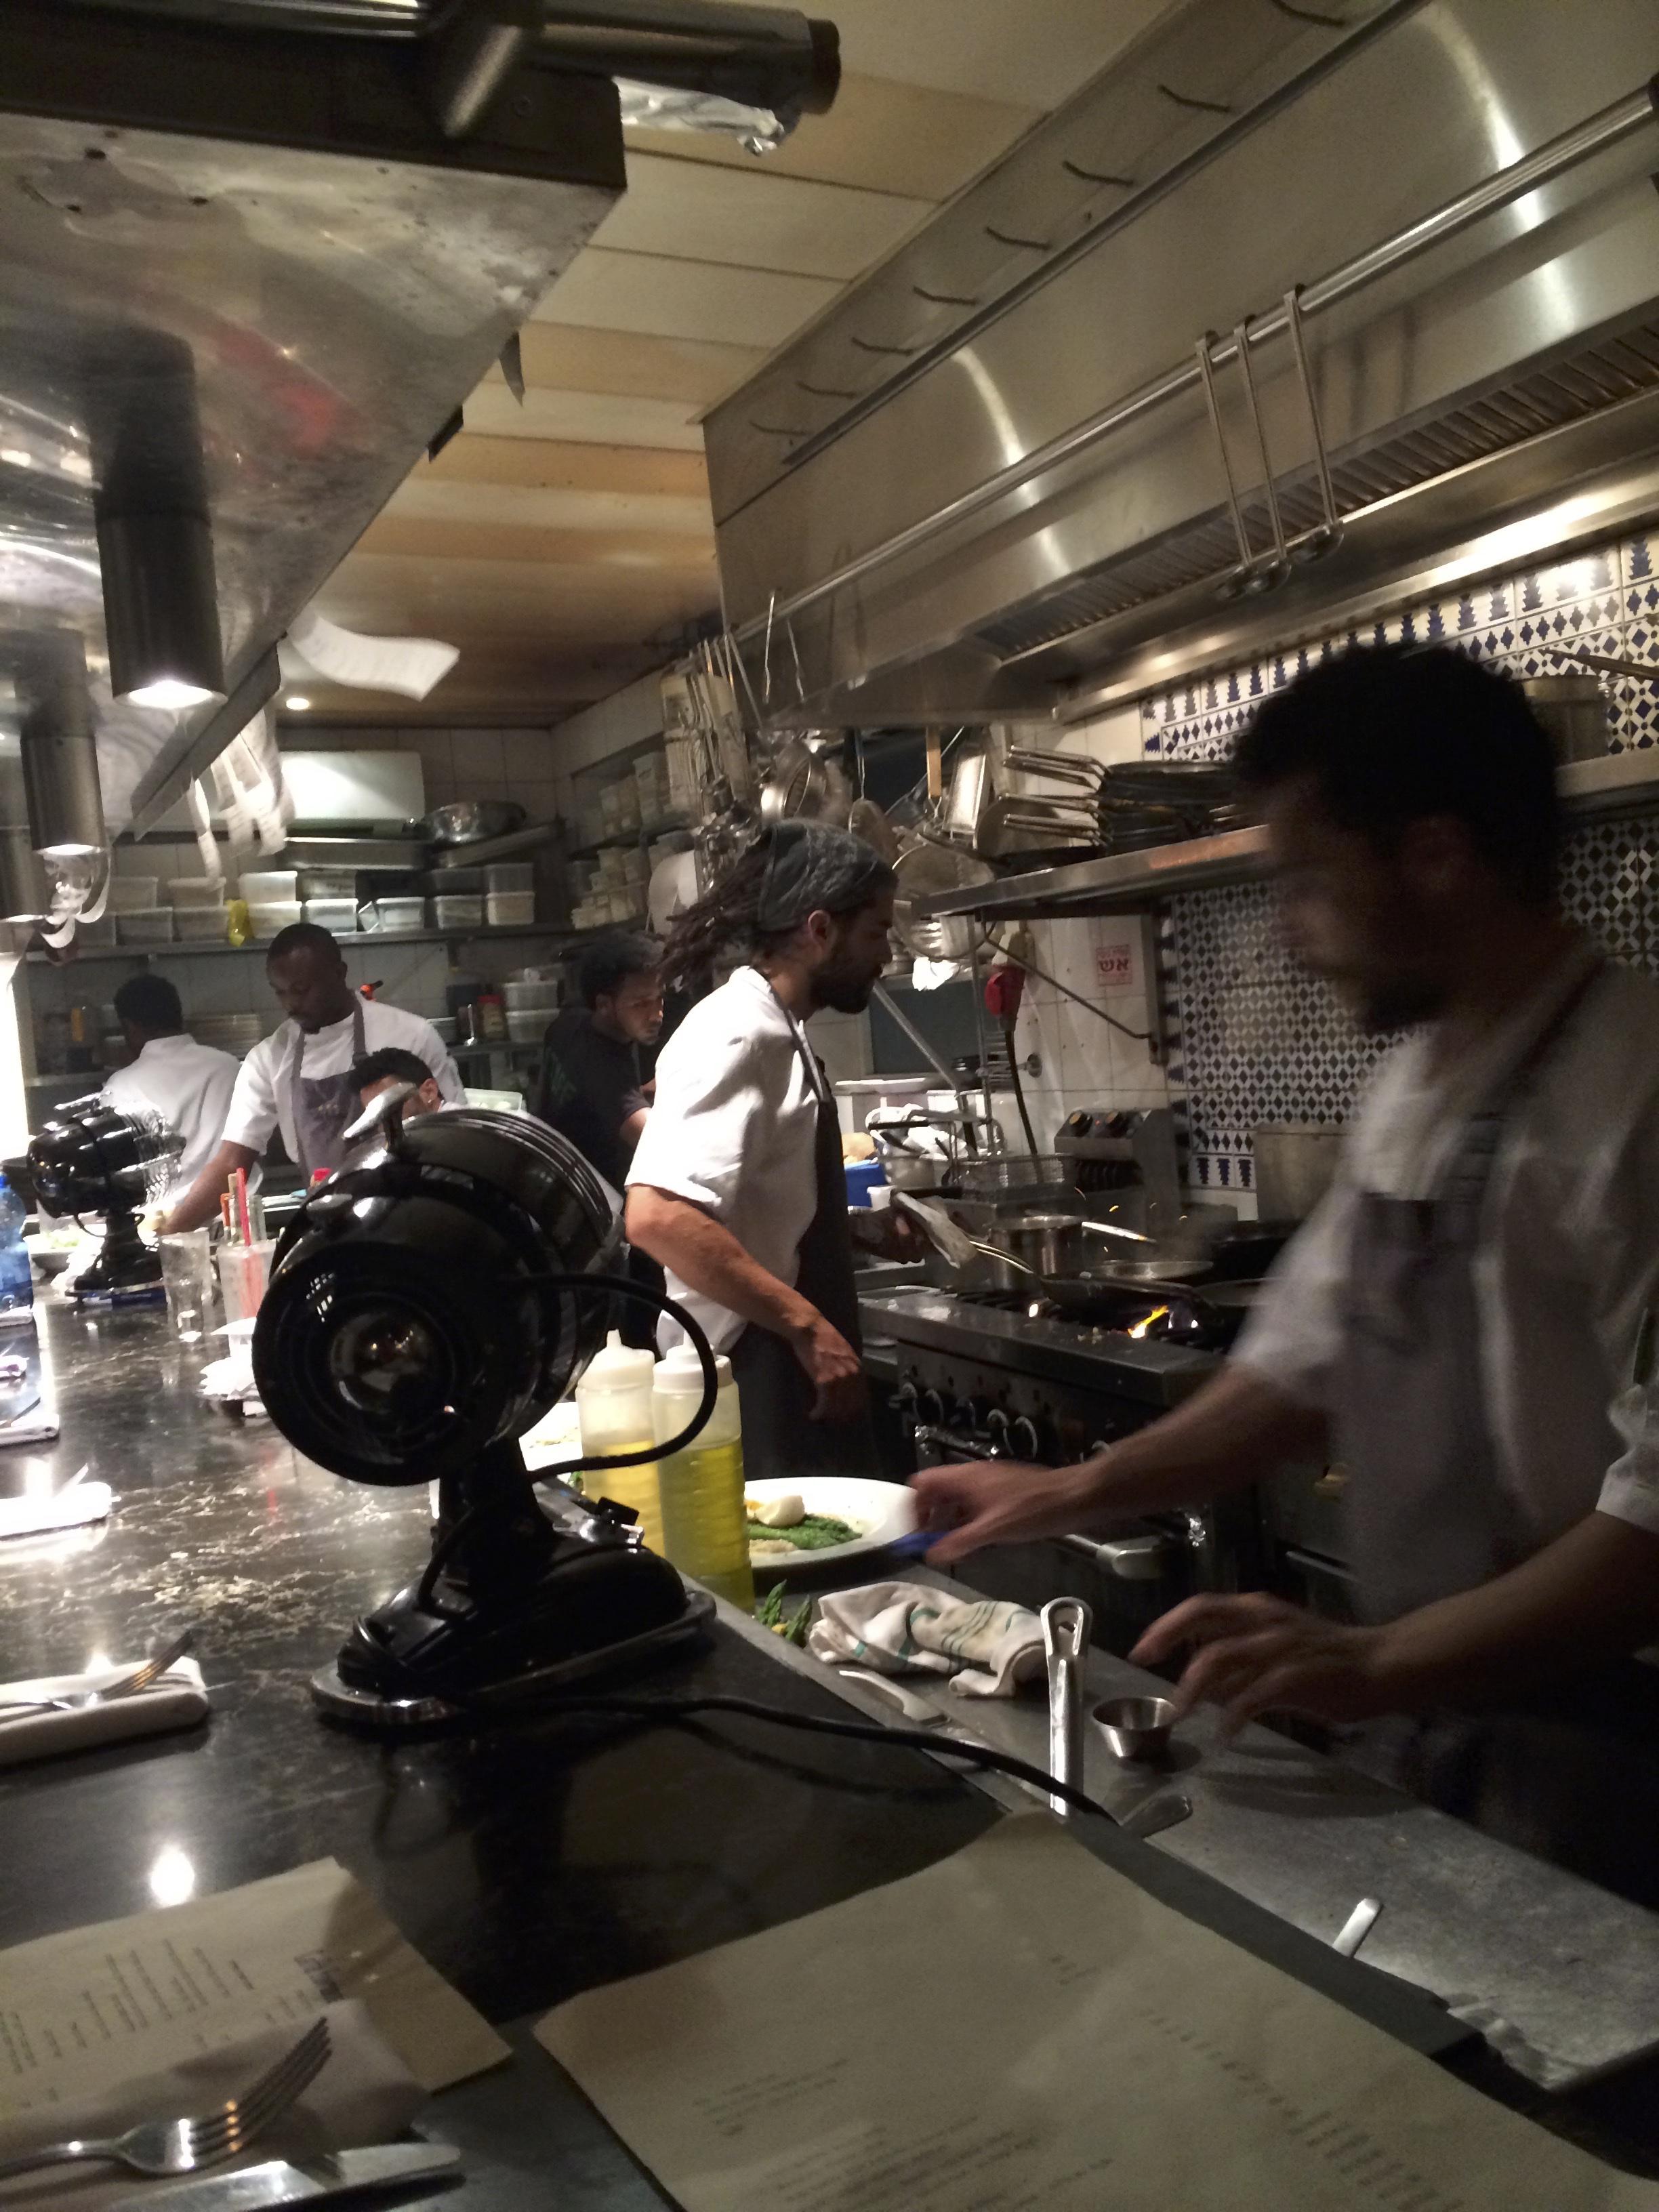 Restaurant in Tel Aviv Israel